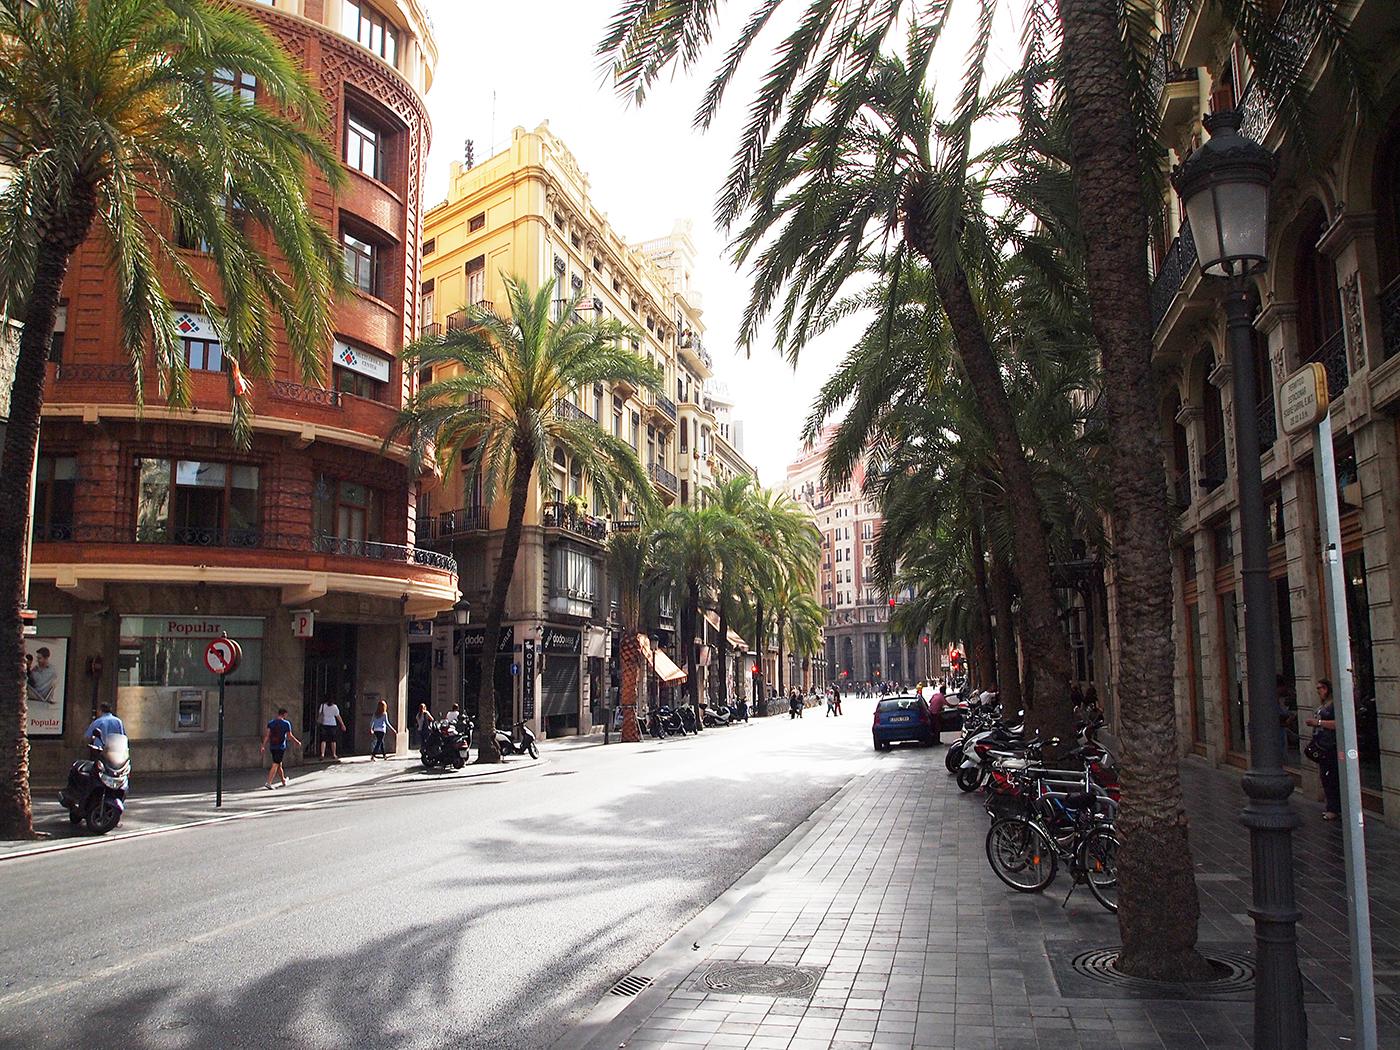 Fietsen in Valencia - Leuke fietssteden in Europa